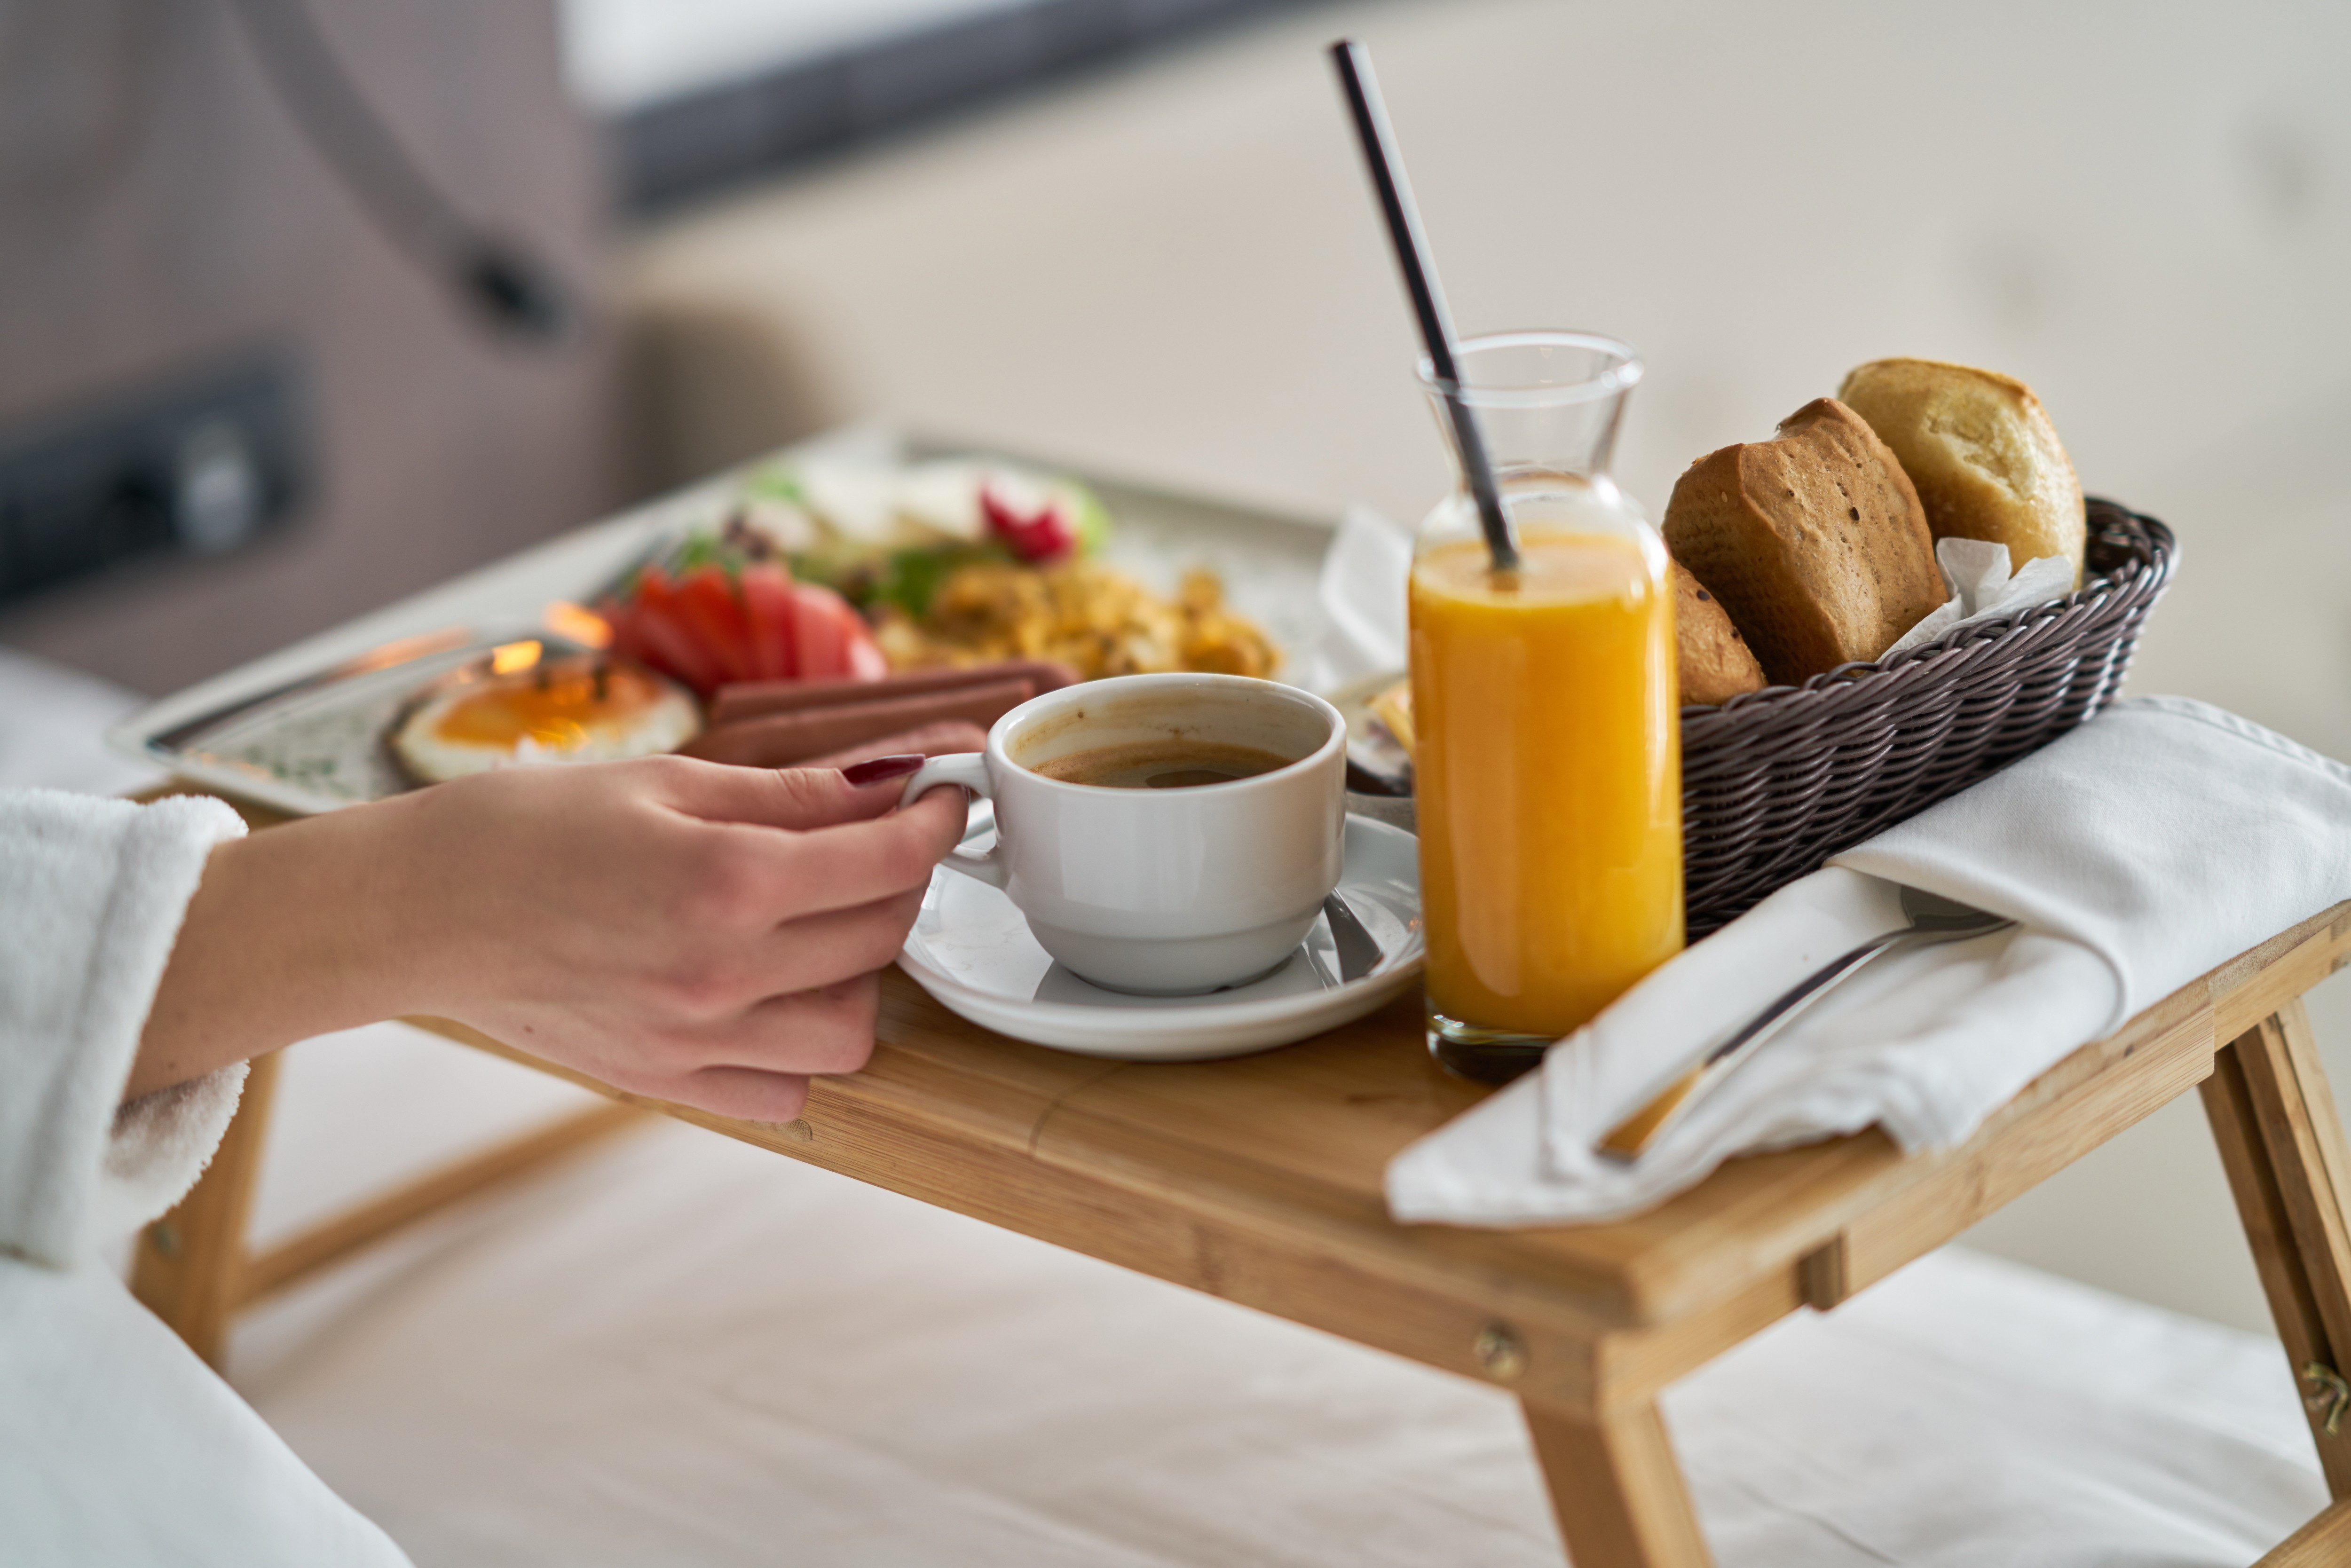 A alimentação pode fazer a diferença para quem sofre com dores constantes de cabeça